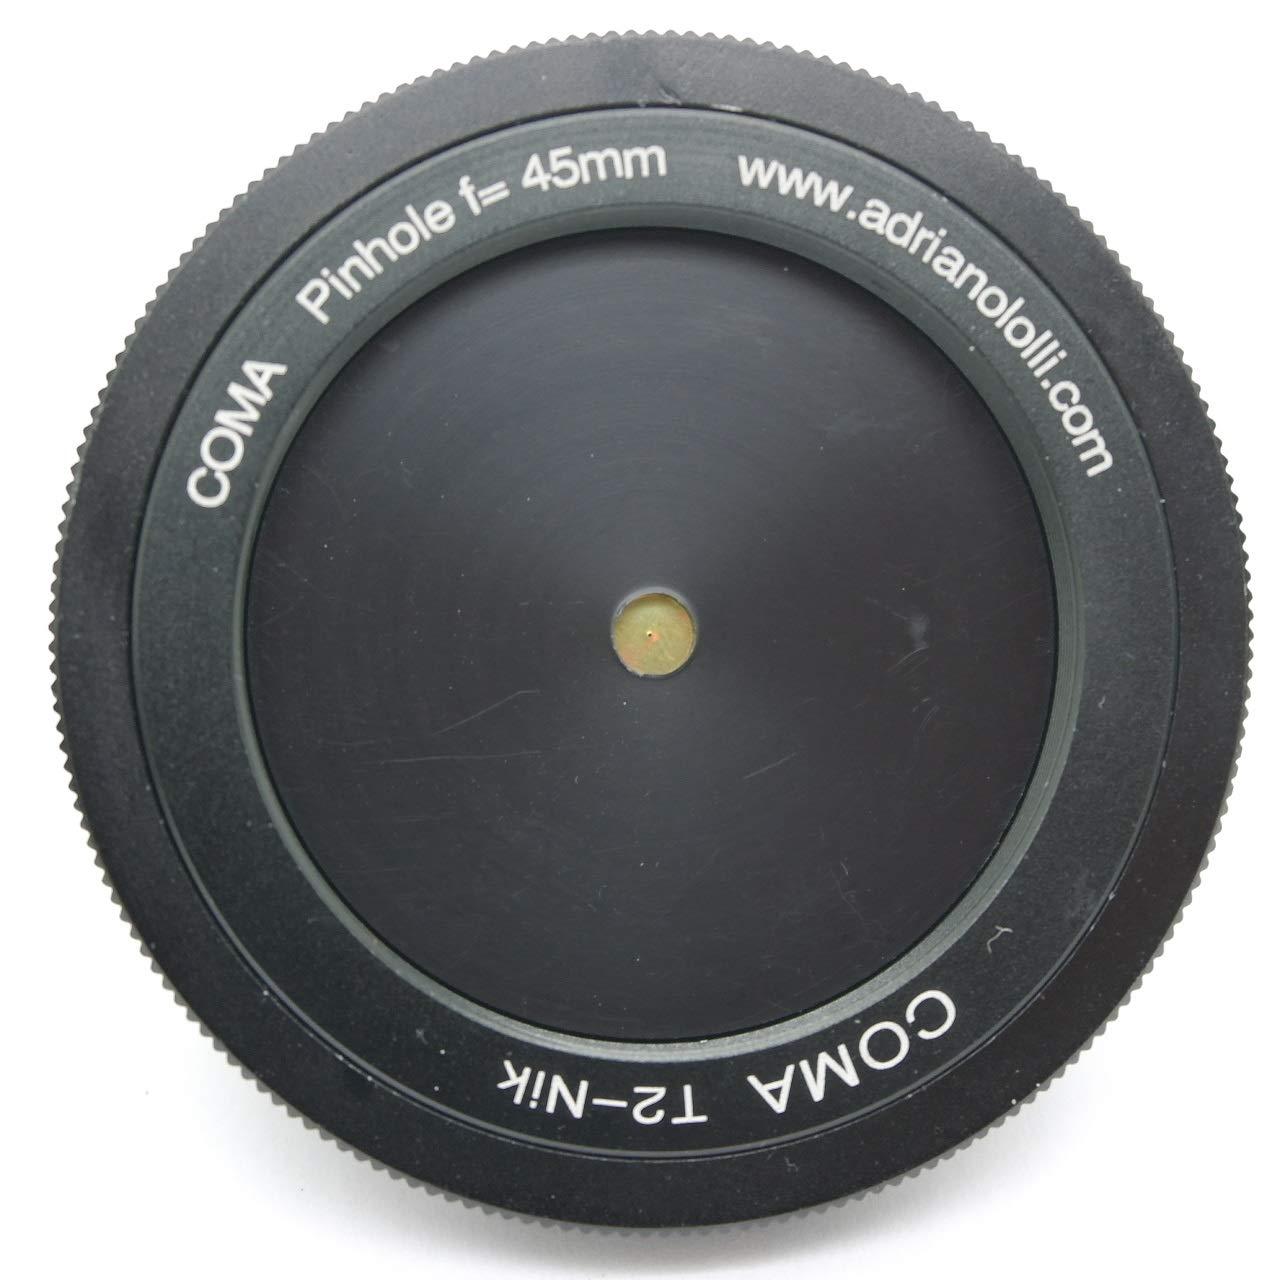 Objetivo con Orificio estenopeico pinhole c/ámara Oscura para Nikon Focal 45 mm